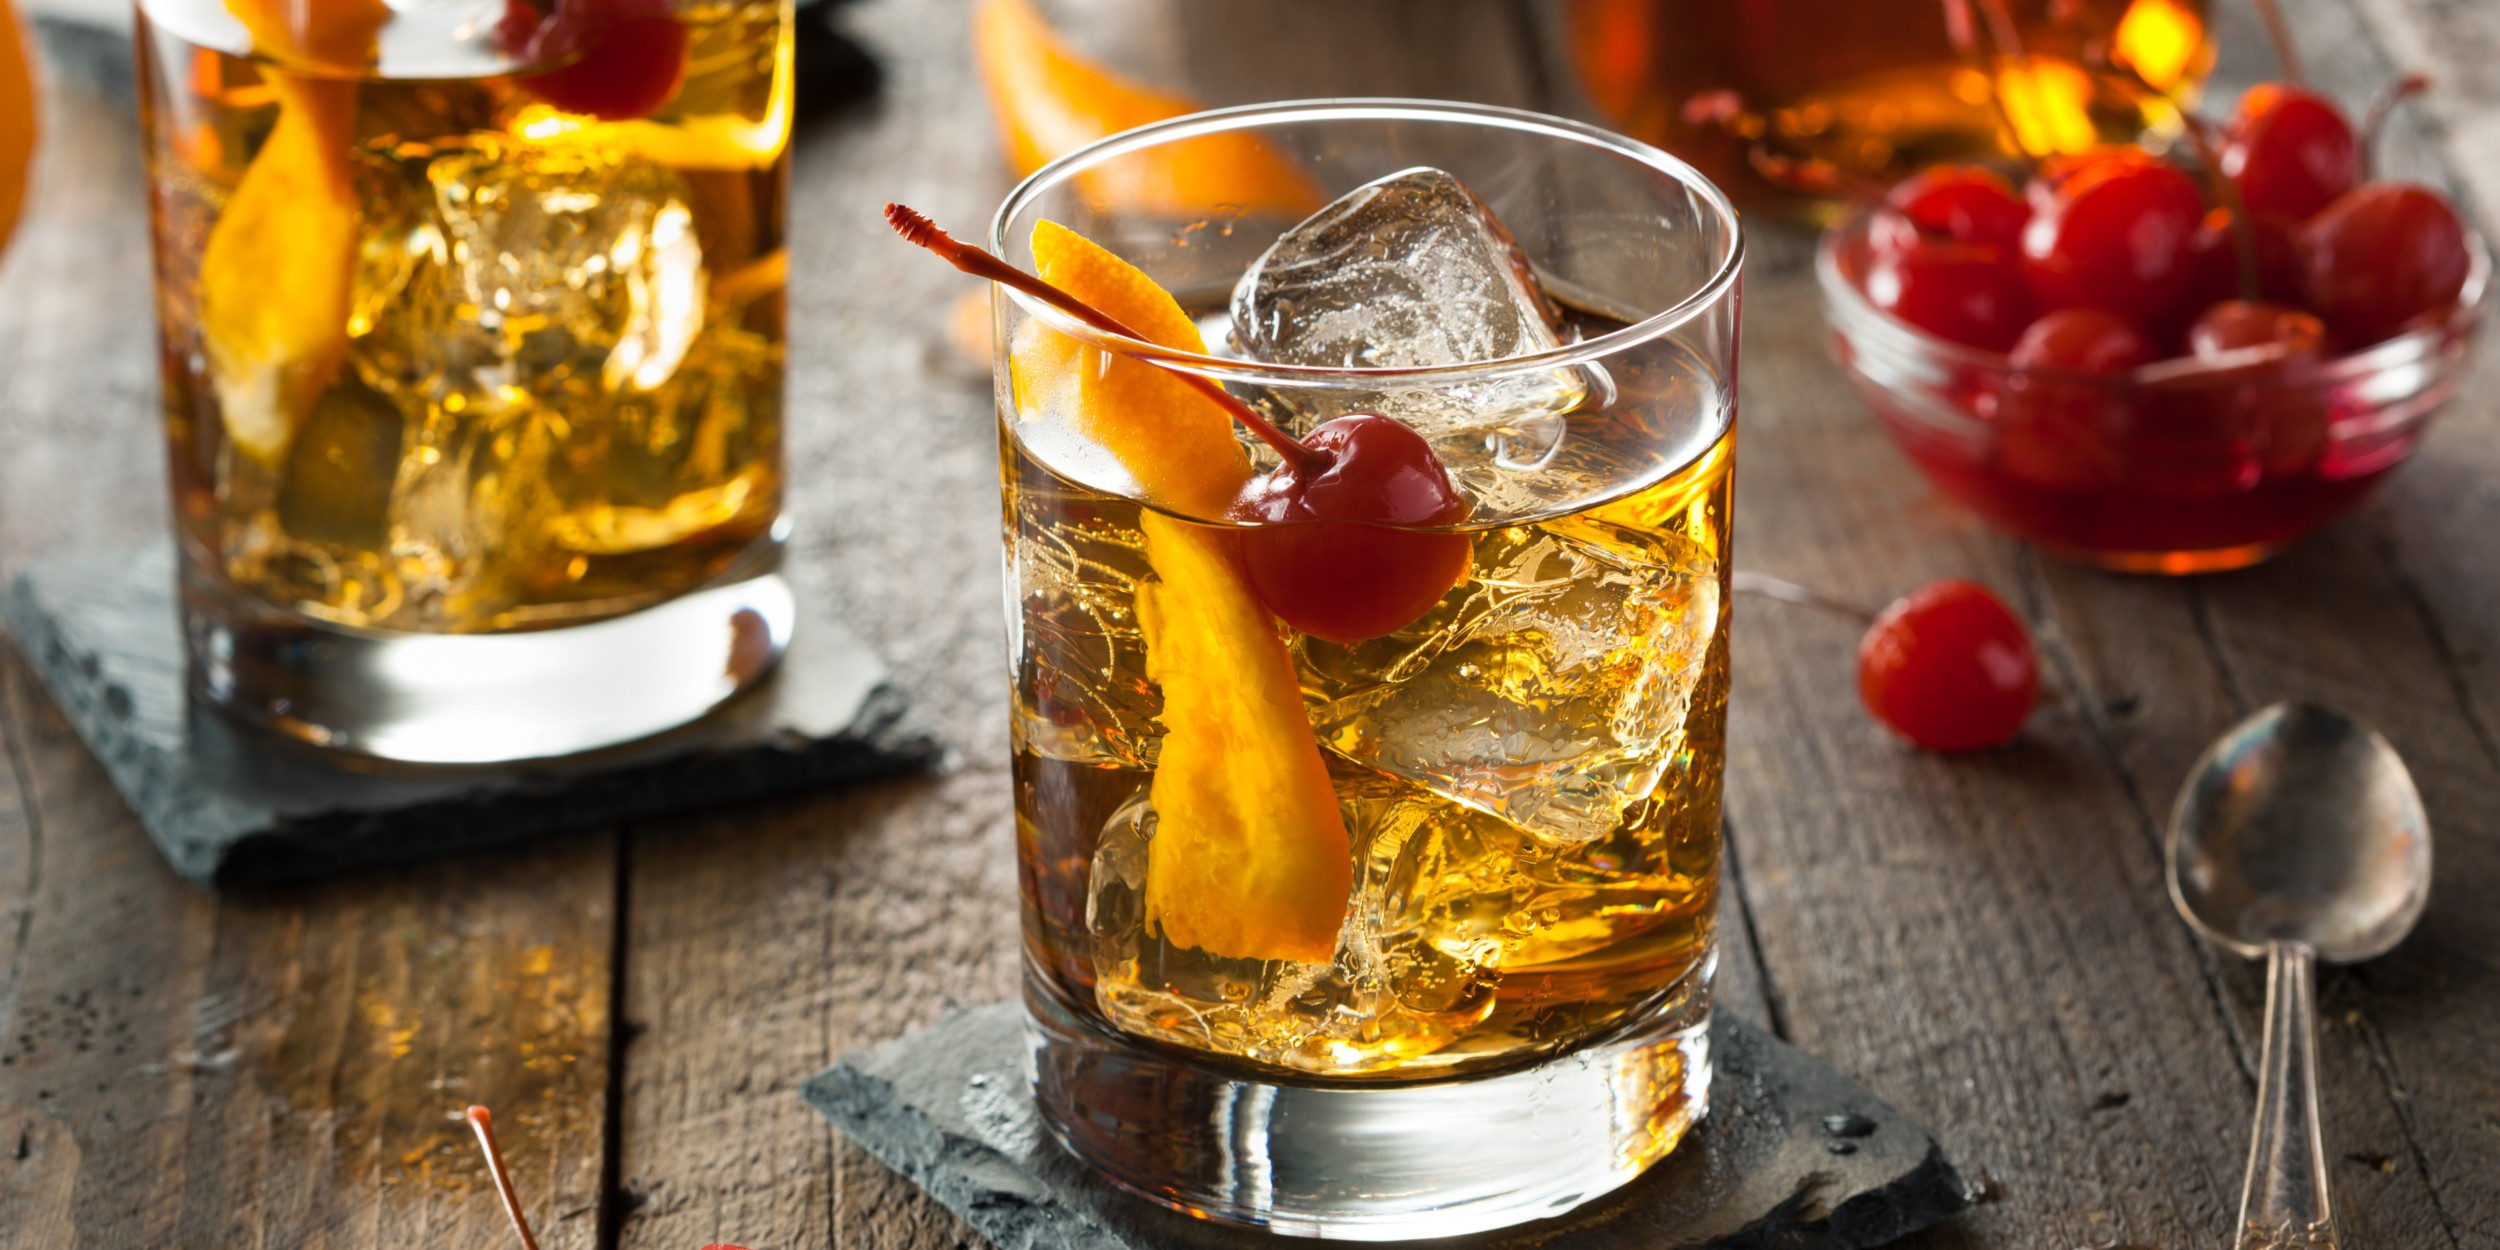 Алкогольные коктейли из виски: три рецепта для дома